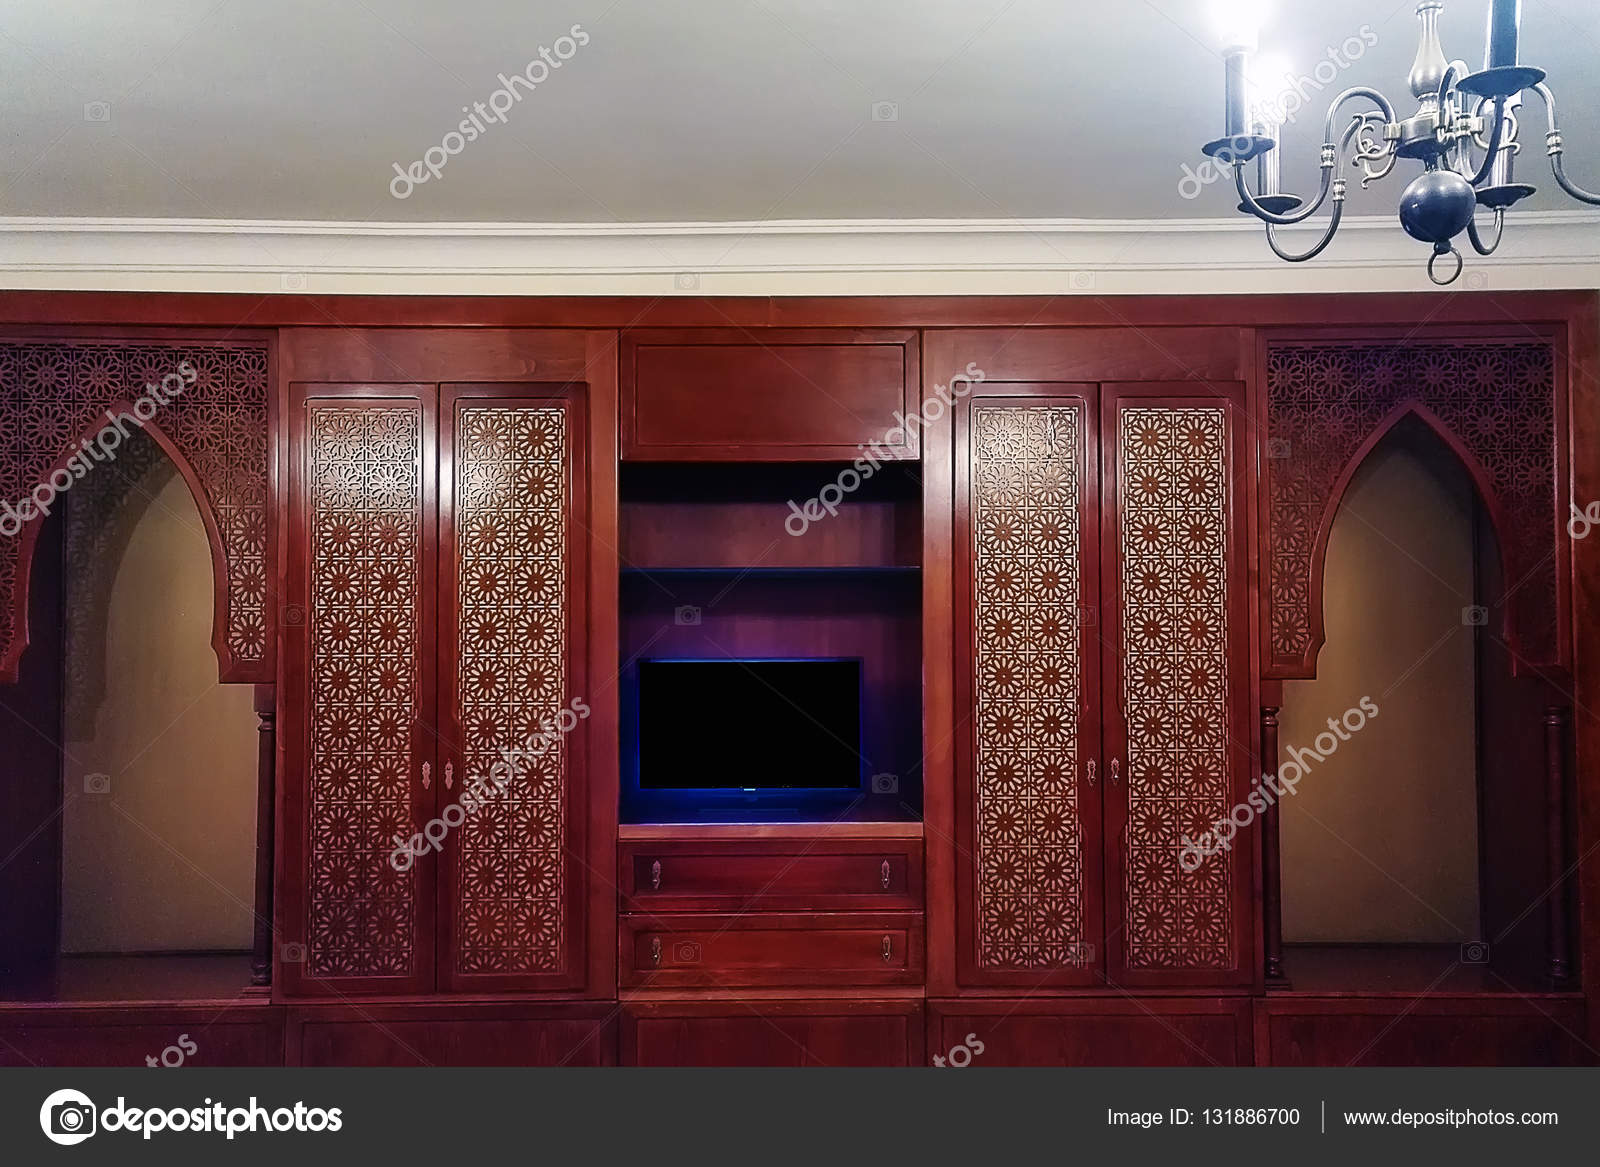 Interieur met mahonie kasten kamer in oost noord afrikaanse stijl